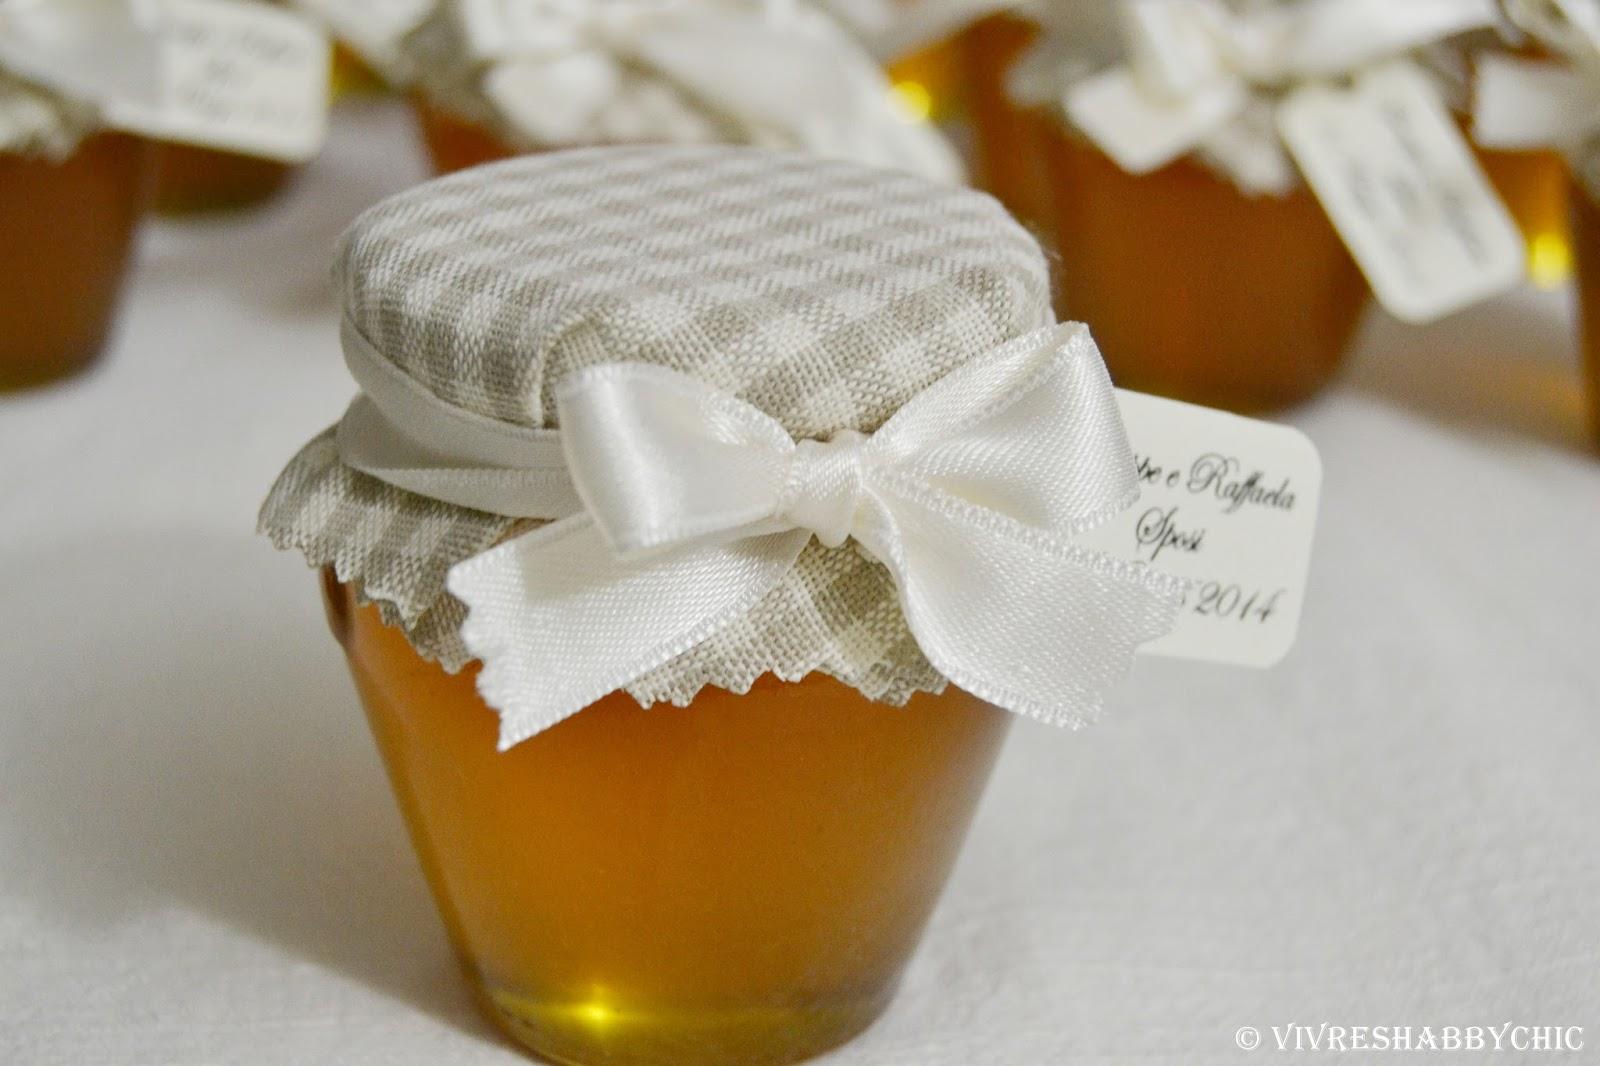 Favorito Vivre Shabby Chic: Una bomboniera dolce come il Miele. DT97